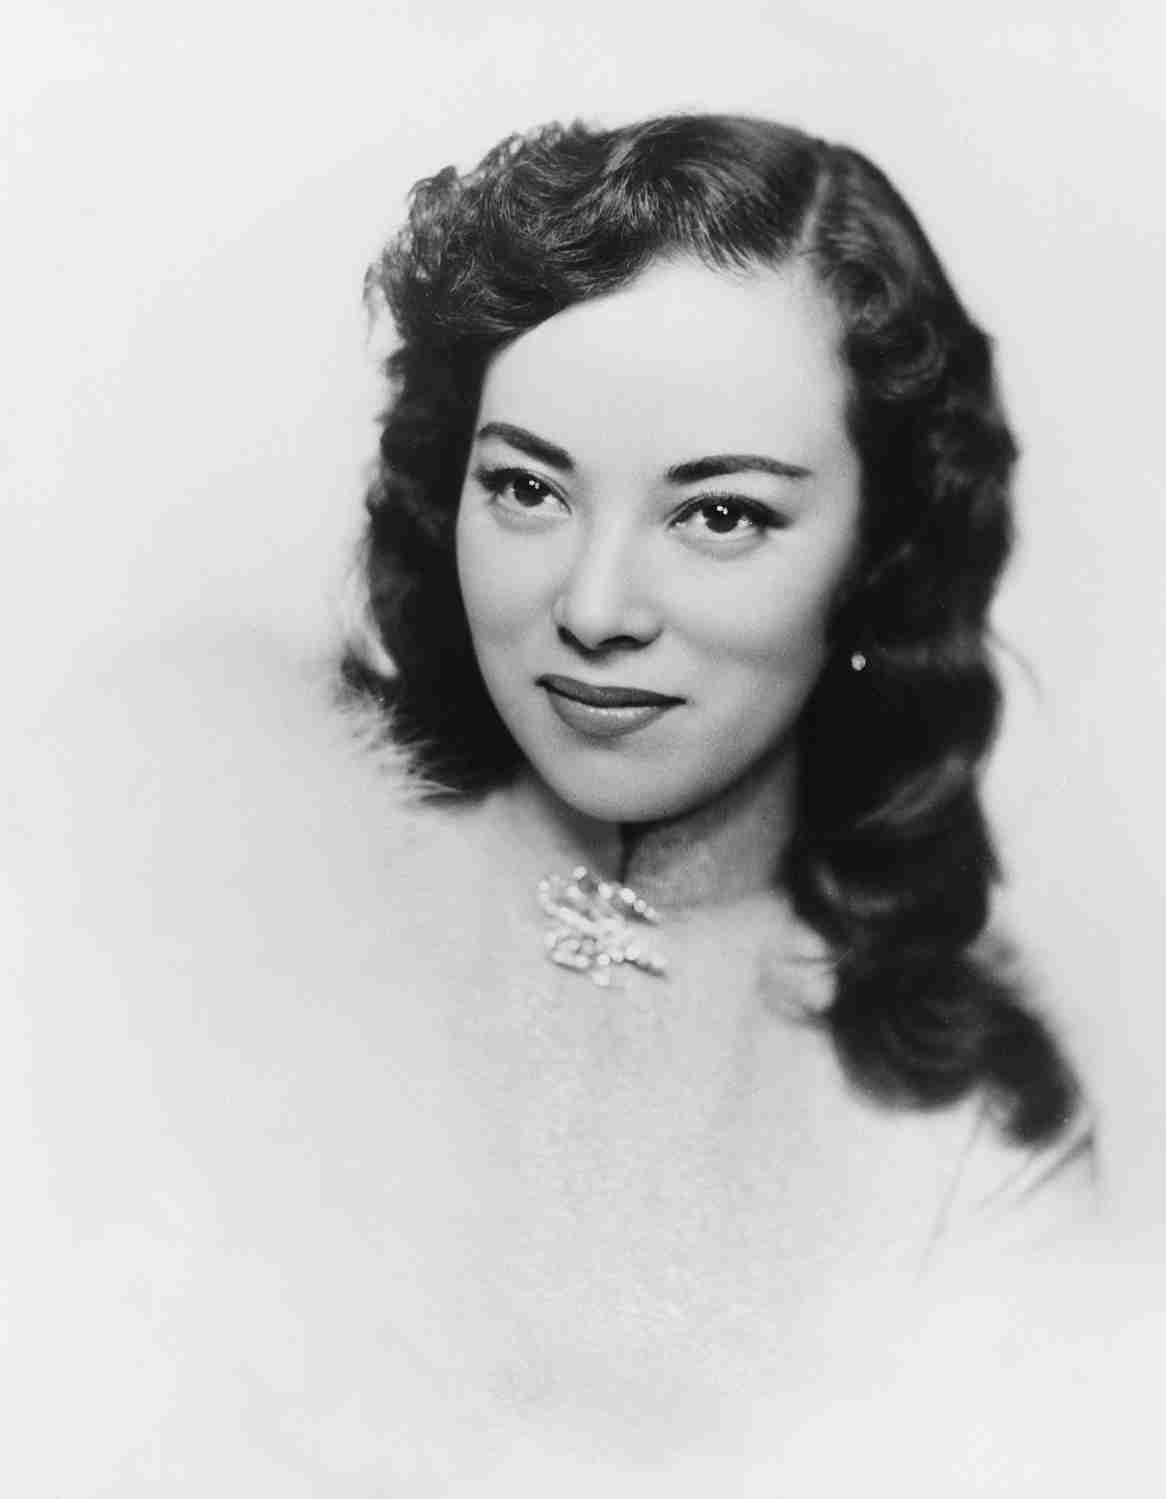 謎の女子高生の正体は? 45年前に撮影されたモノクロ写真がカッコよすぎる